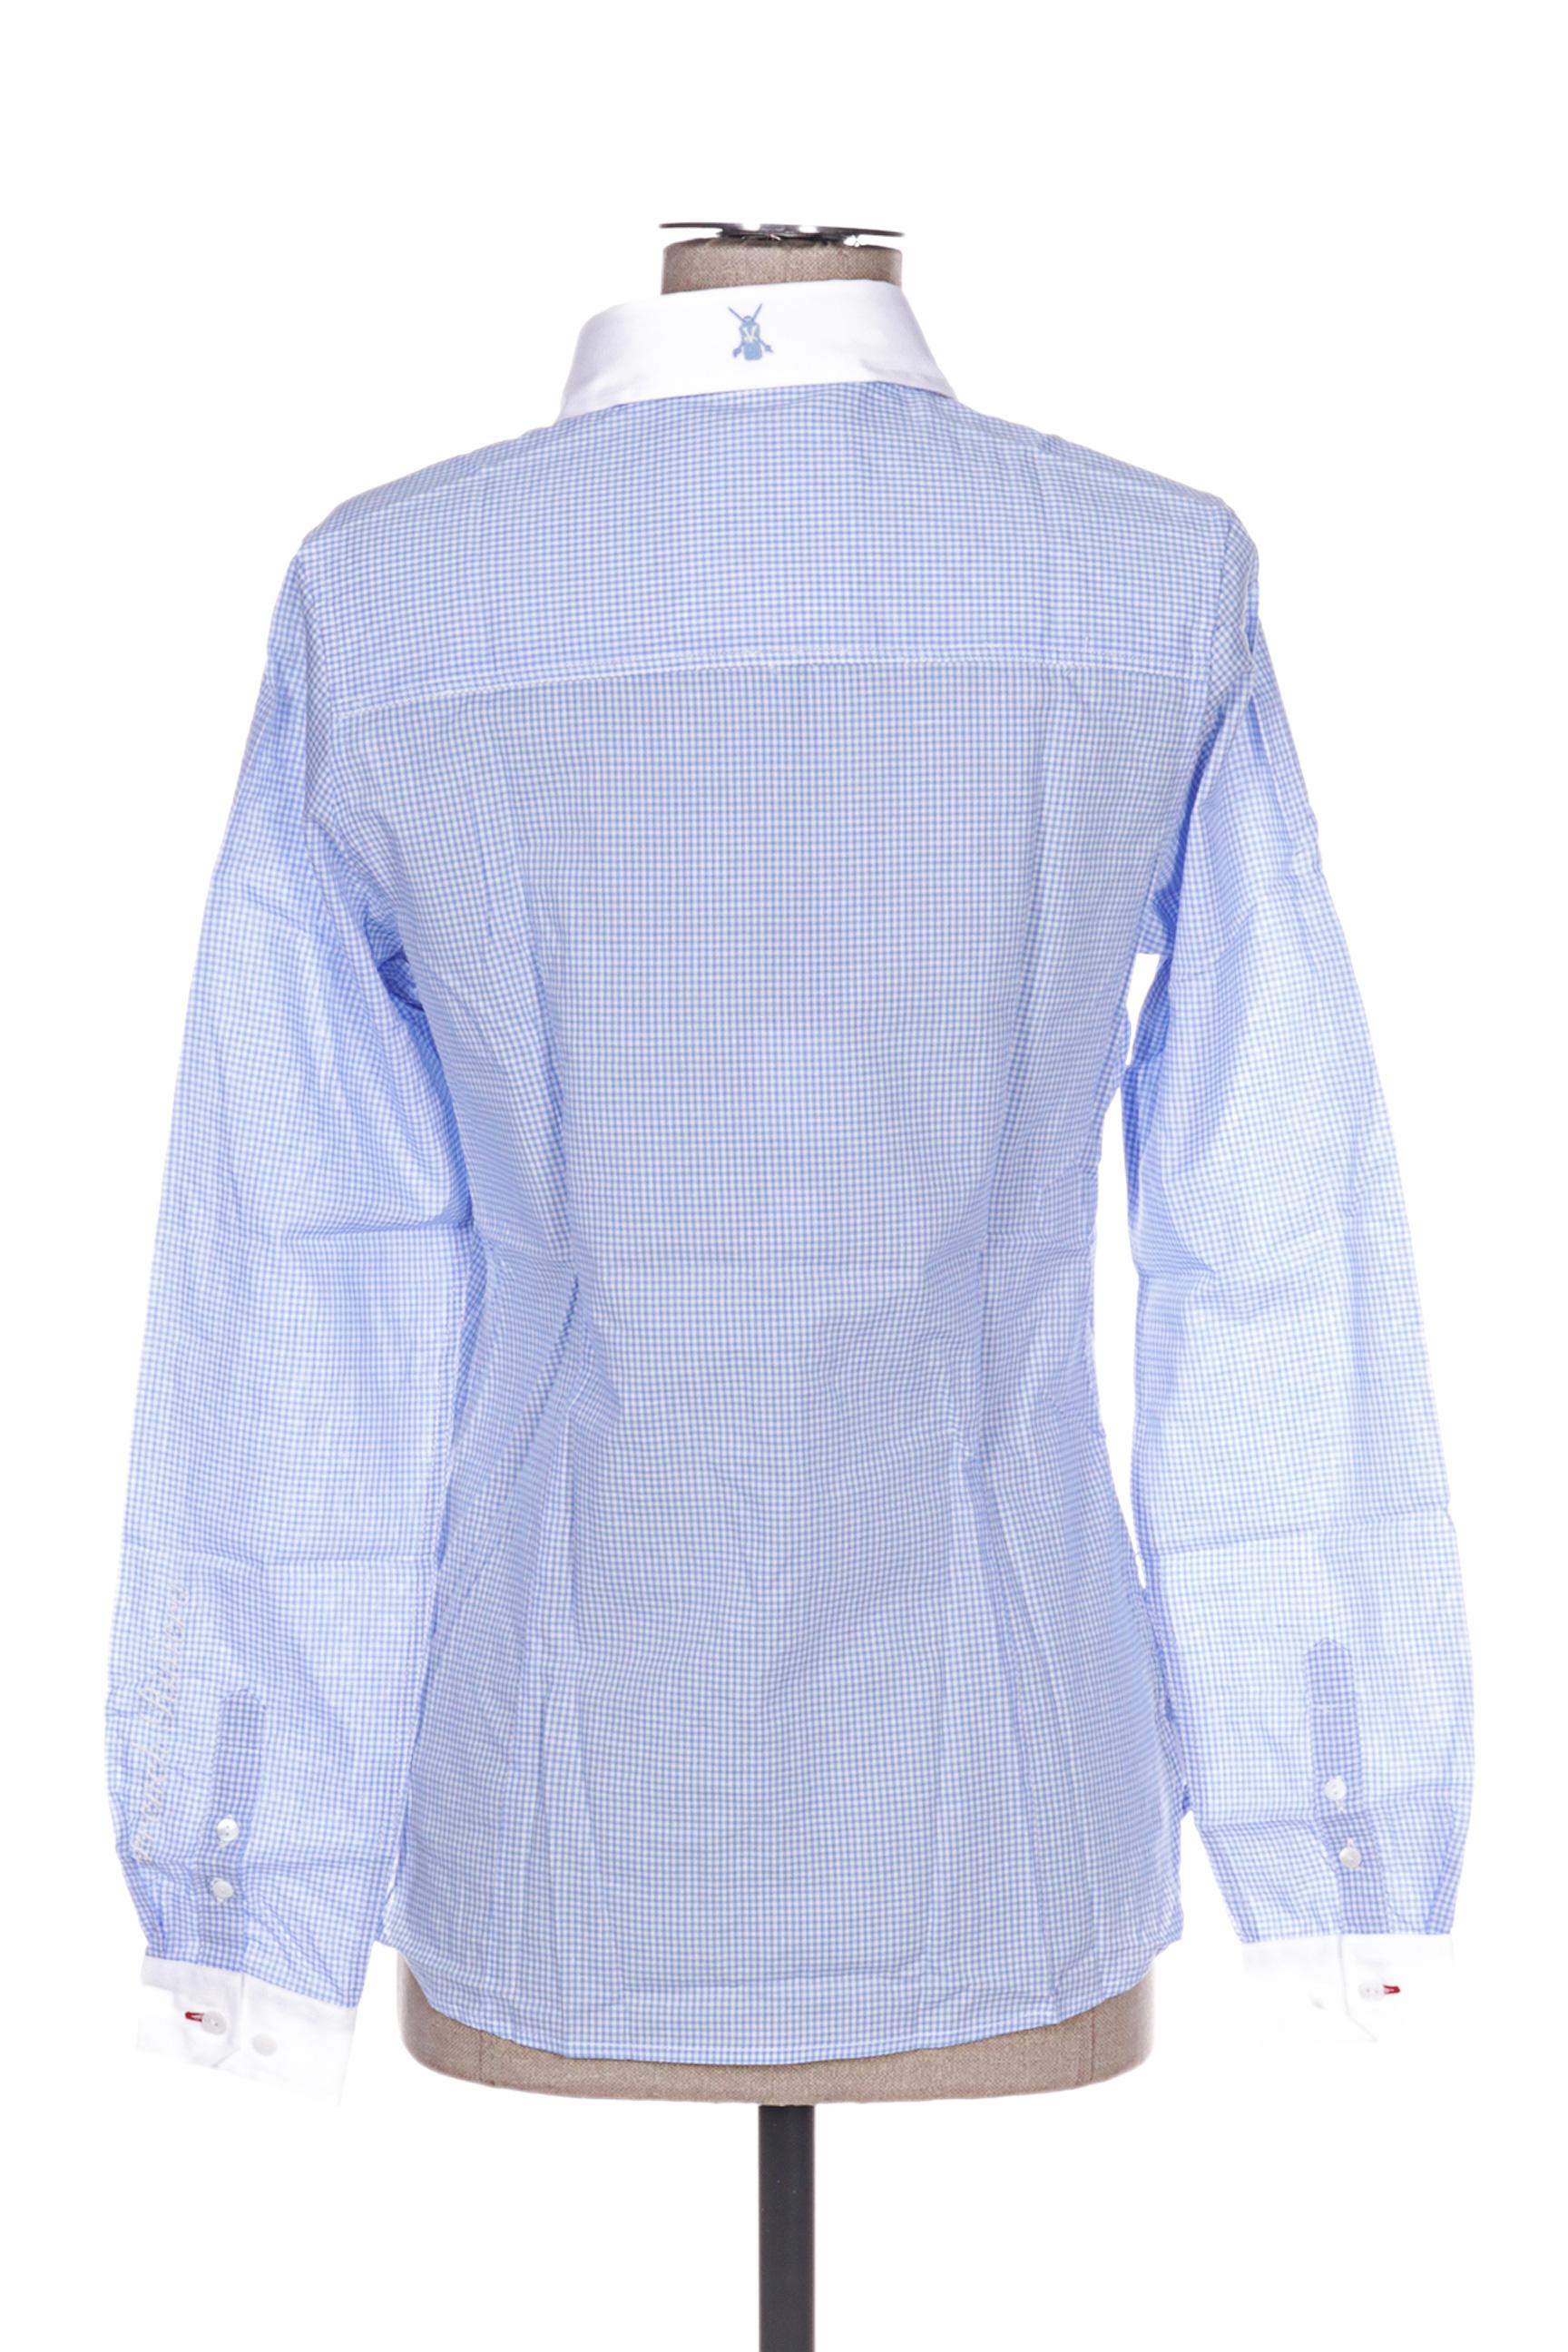 Vestiaires Principaute Cannoise Chemisiers Manches Longues Femme De Couleur Bleu En Soldes Pas Cher 1270129-bleu00